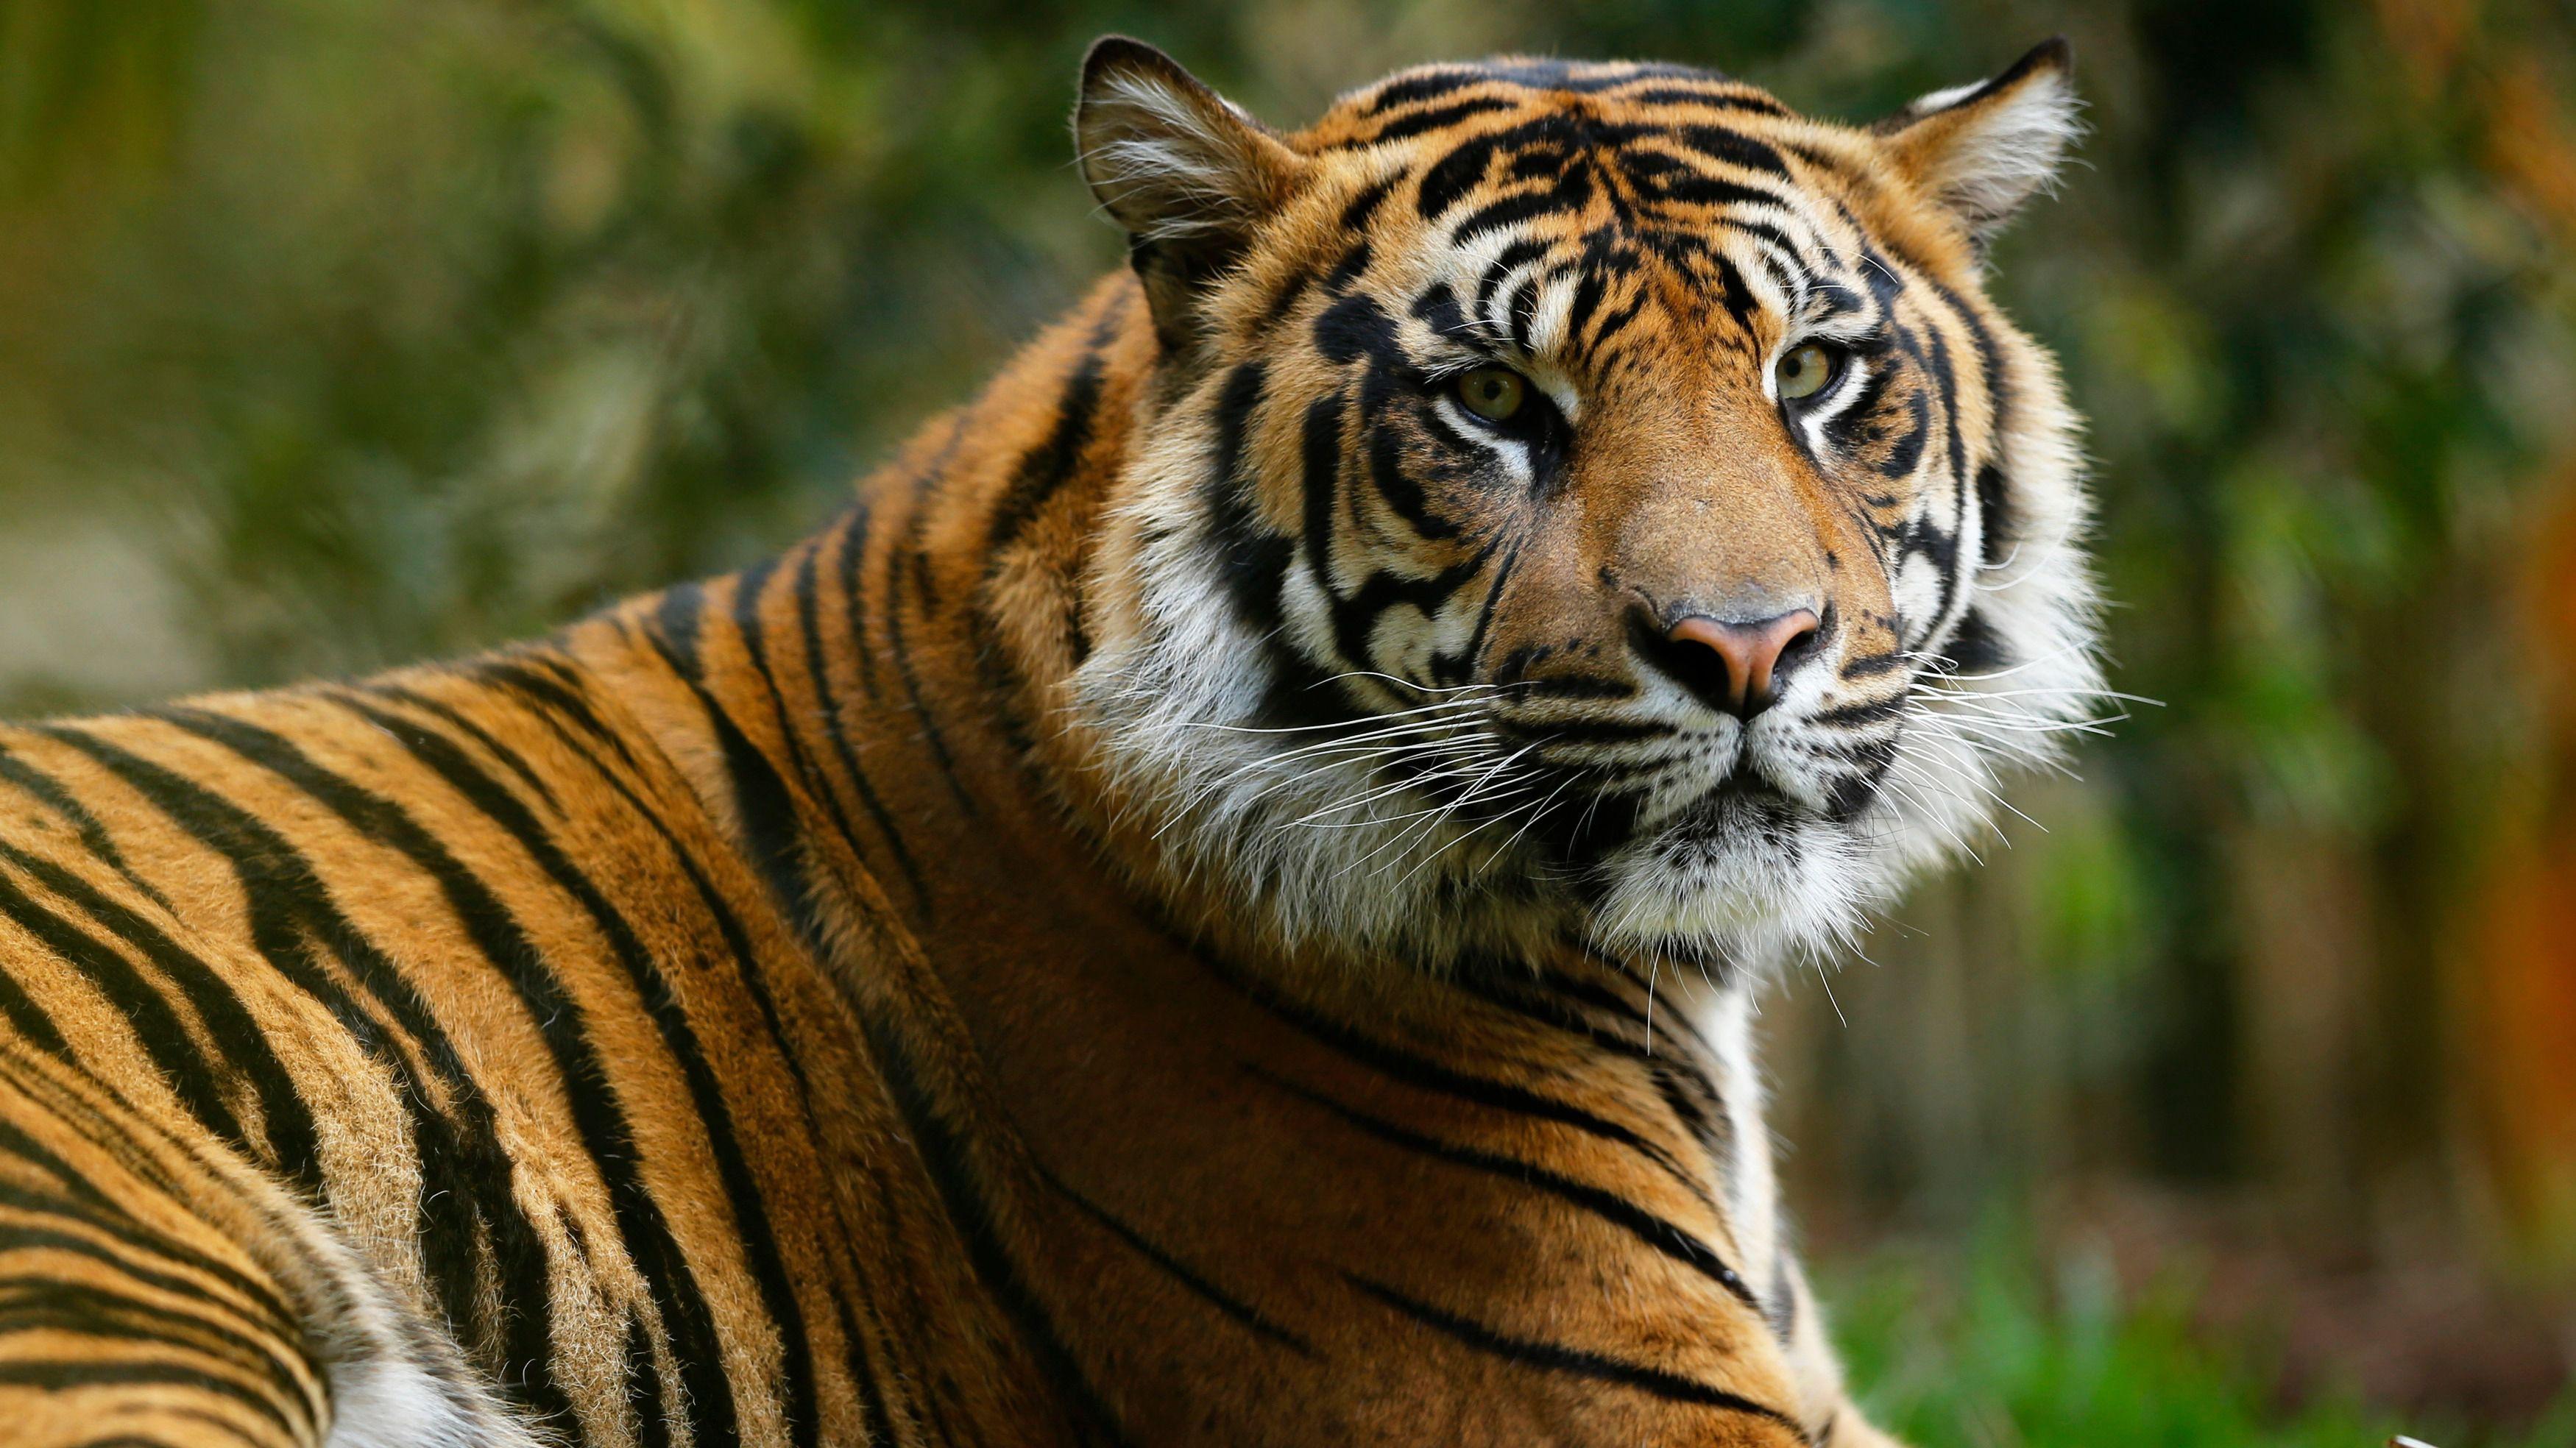 Sumatran Tiger Images